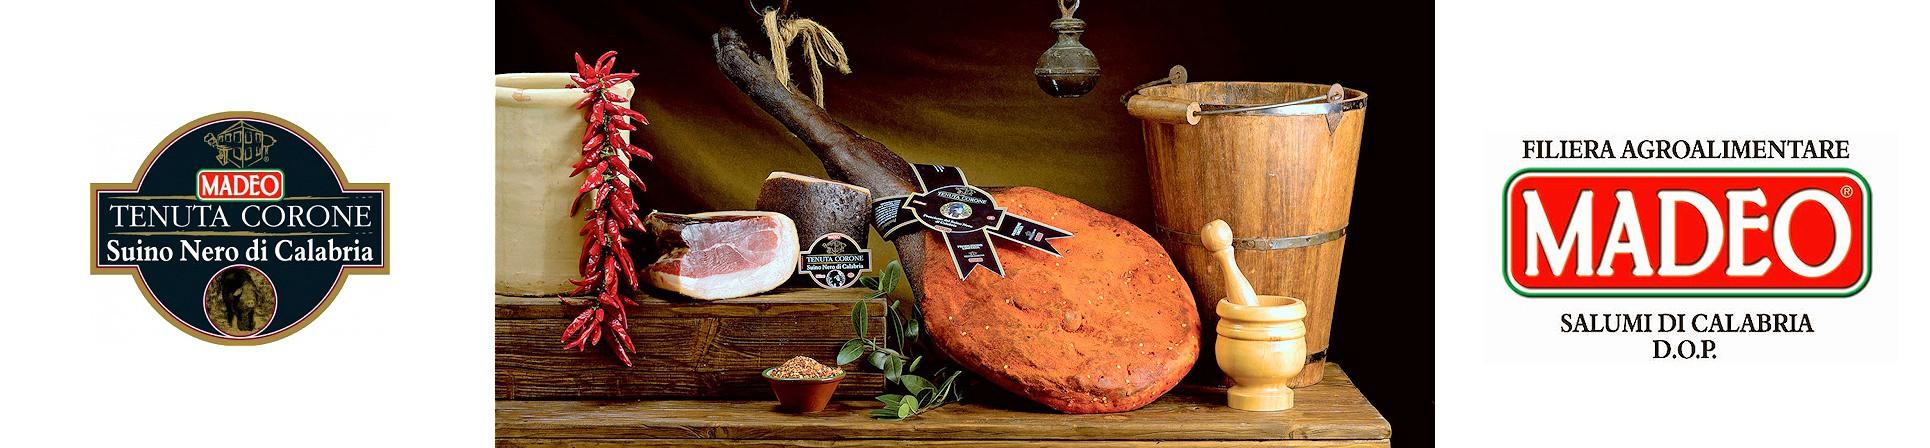 Prosciutto di Suino Nero di Calabria - Tenuta Corone, MADEO - vendita online